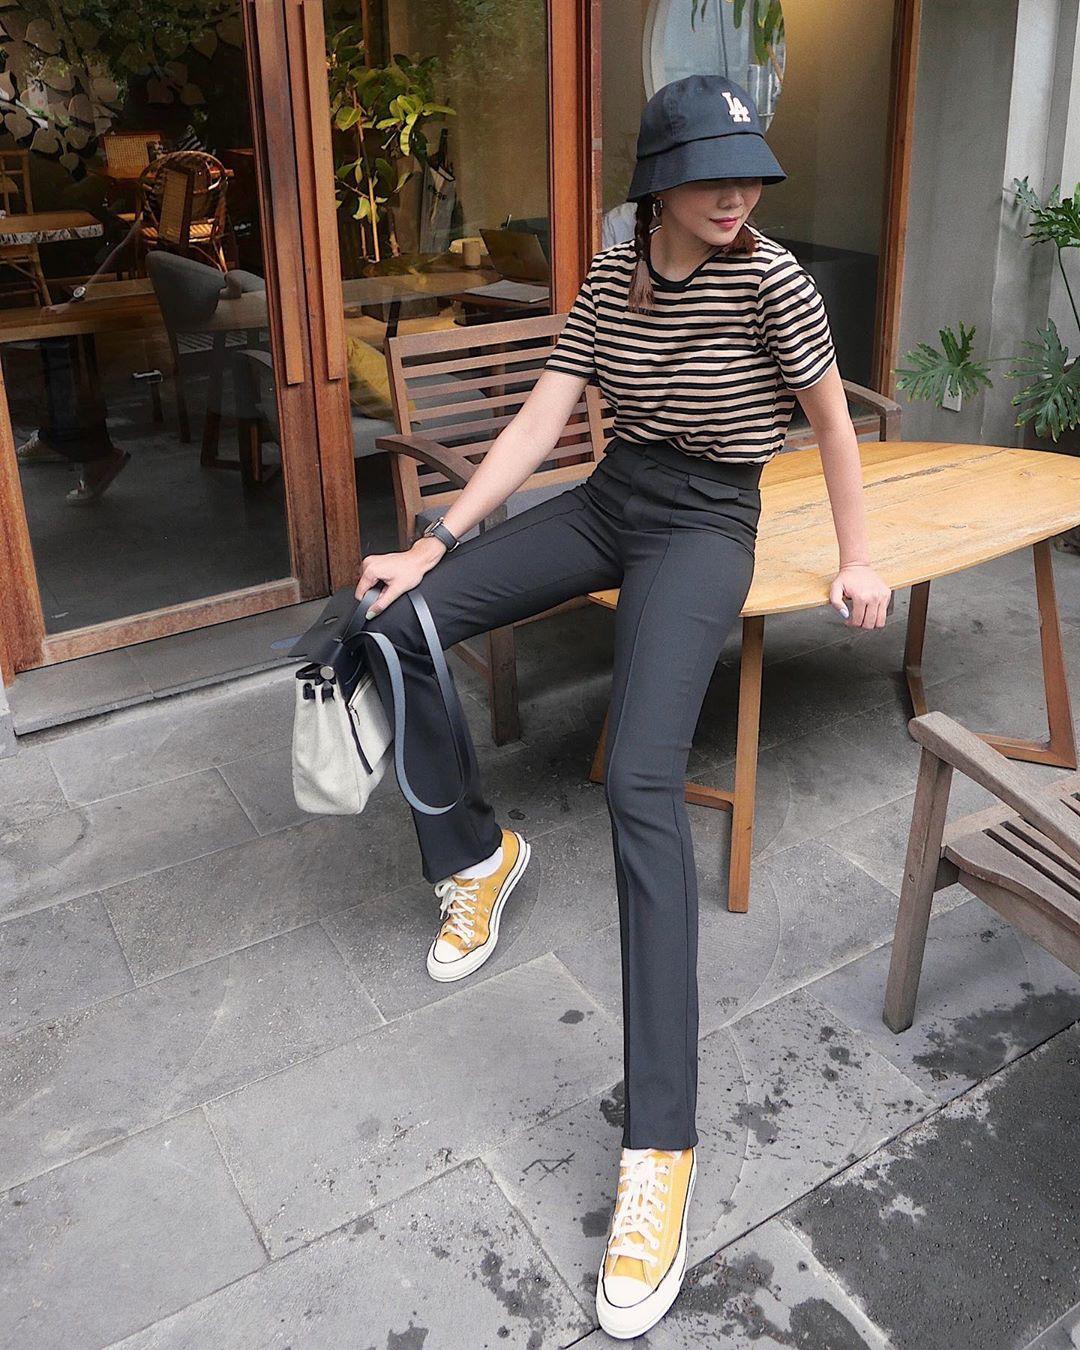 Nểu để ý hình ảnh của Thanh Hằng, bạn sẽ nhận ra cô rất chăm diện kiểu quần cạp cao giúp đôi chân đã dài lại càng dài hơn. Dáng quần âu với chi tiết đường xếp ly dọc càng giúp tăng hiệu ứng hack dáng.